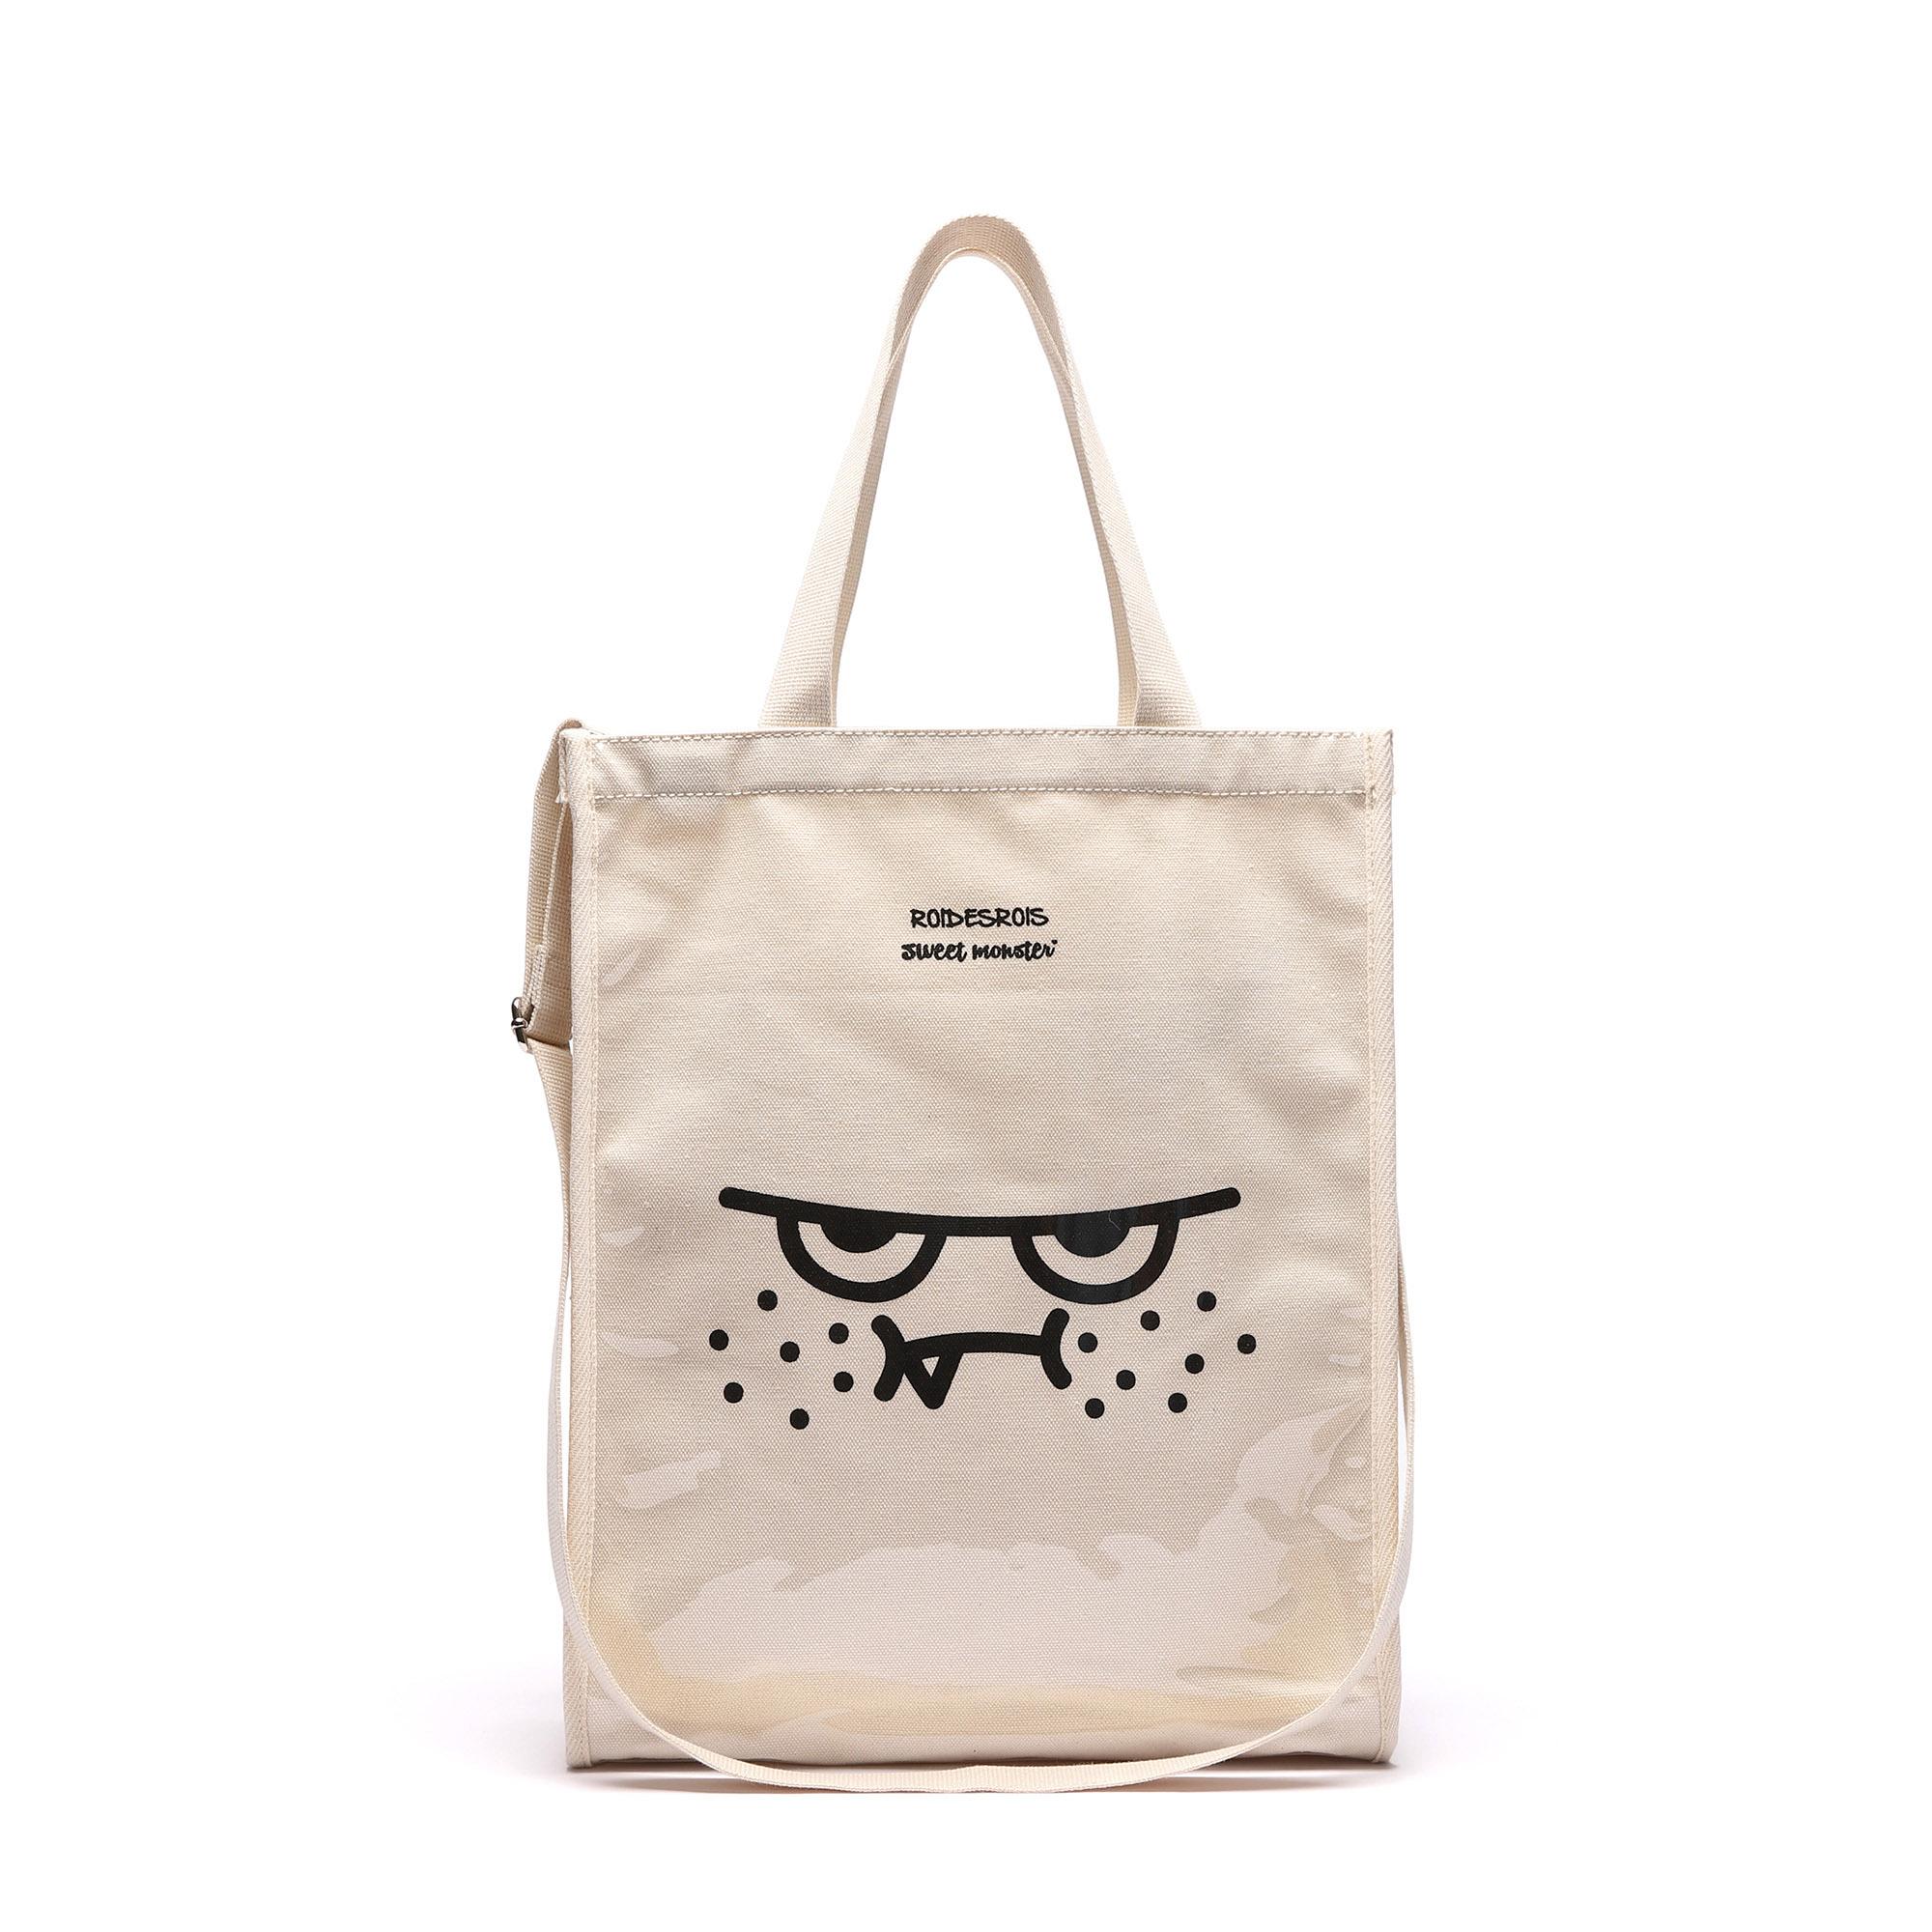 [로아드로아X스위트몬스터] ORANGEMON PVC BAG (IVORY) 토트백 숄더백 크로스백 가방